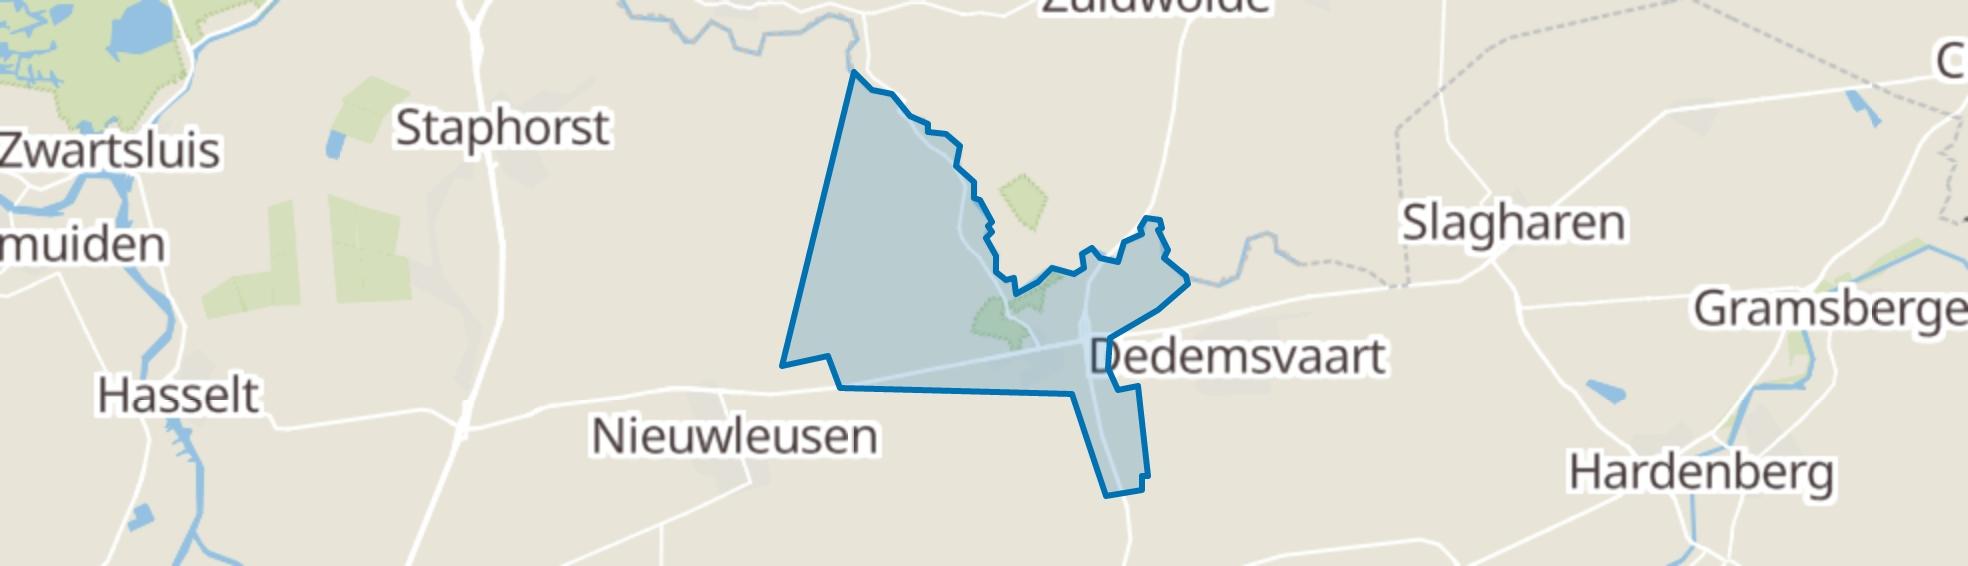 Balkbrug map